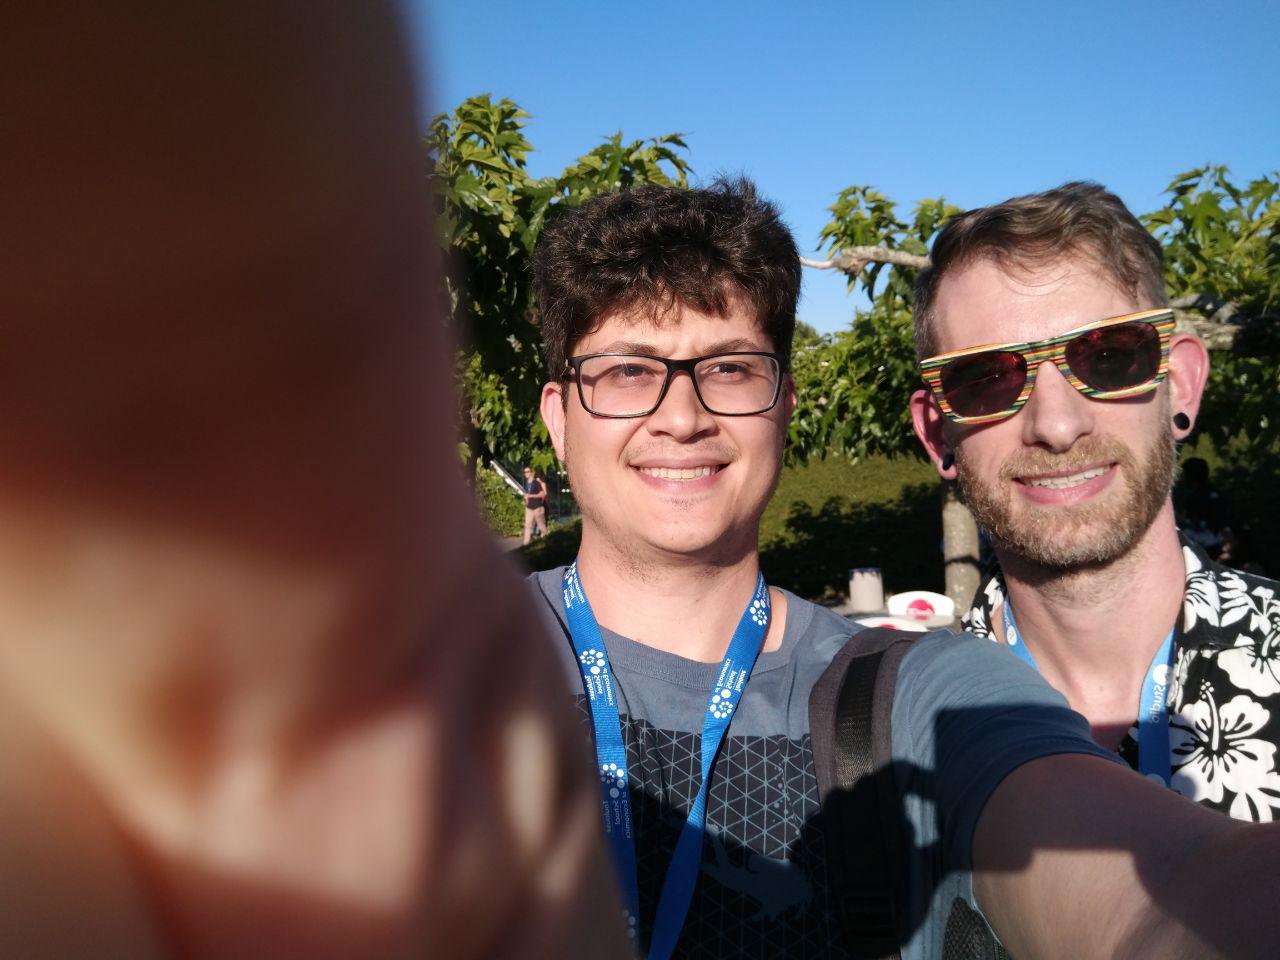 Depois pedi para tirar foto com ele e tampei o William, além de ter ficado com um sorriso horrível. O Hadley, obviamente, estava ótimo. Olha esses óculos, muito estilosos!